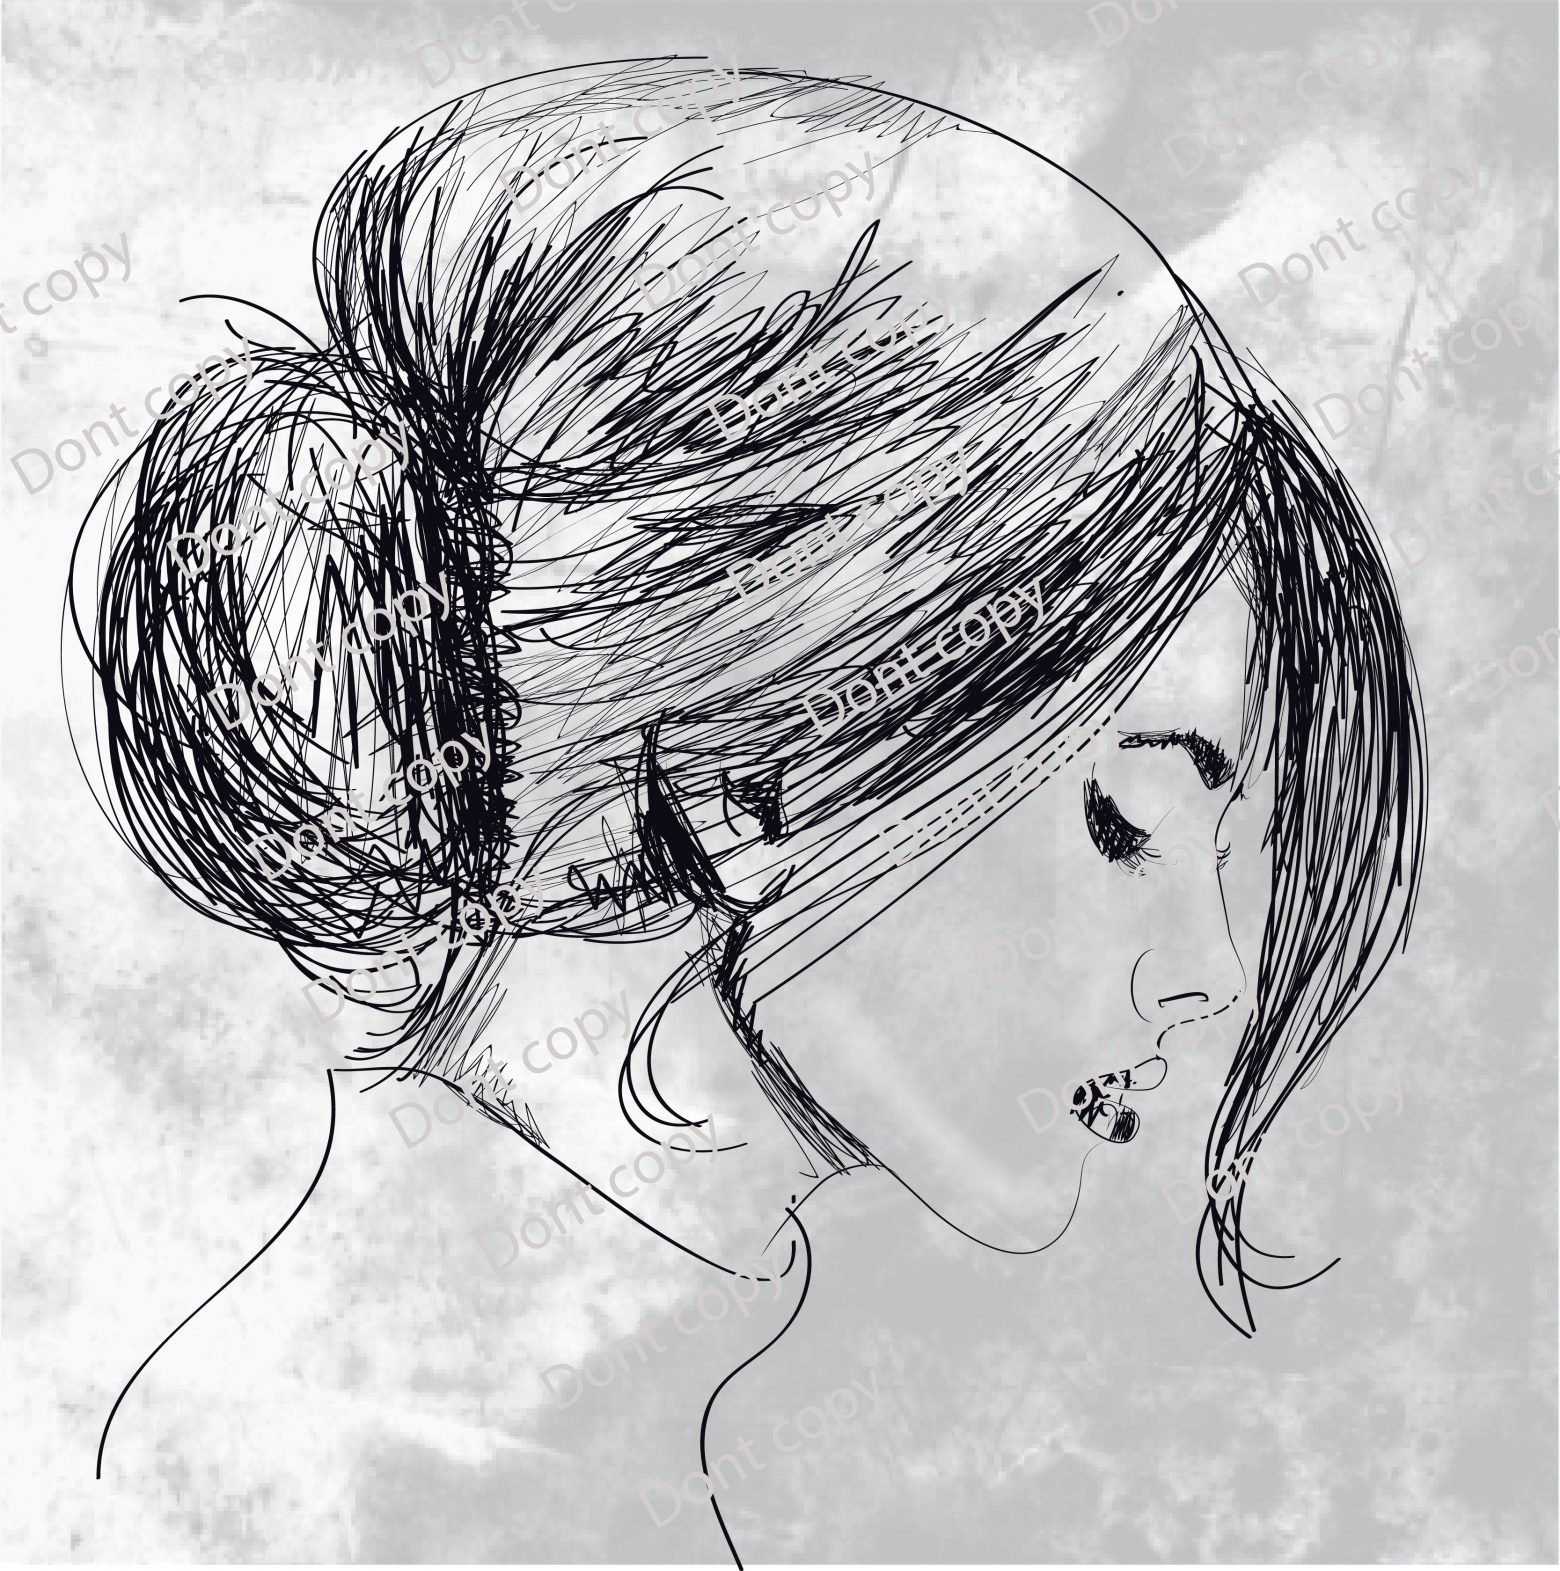 23787 NUV5ZX111 1560x1571 - وکتور طرح چهره دختر با قابلیت تغییر اجزا